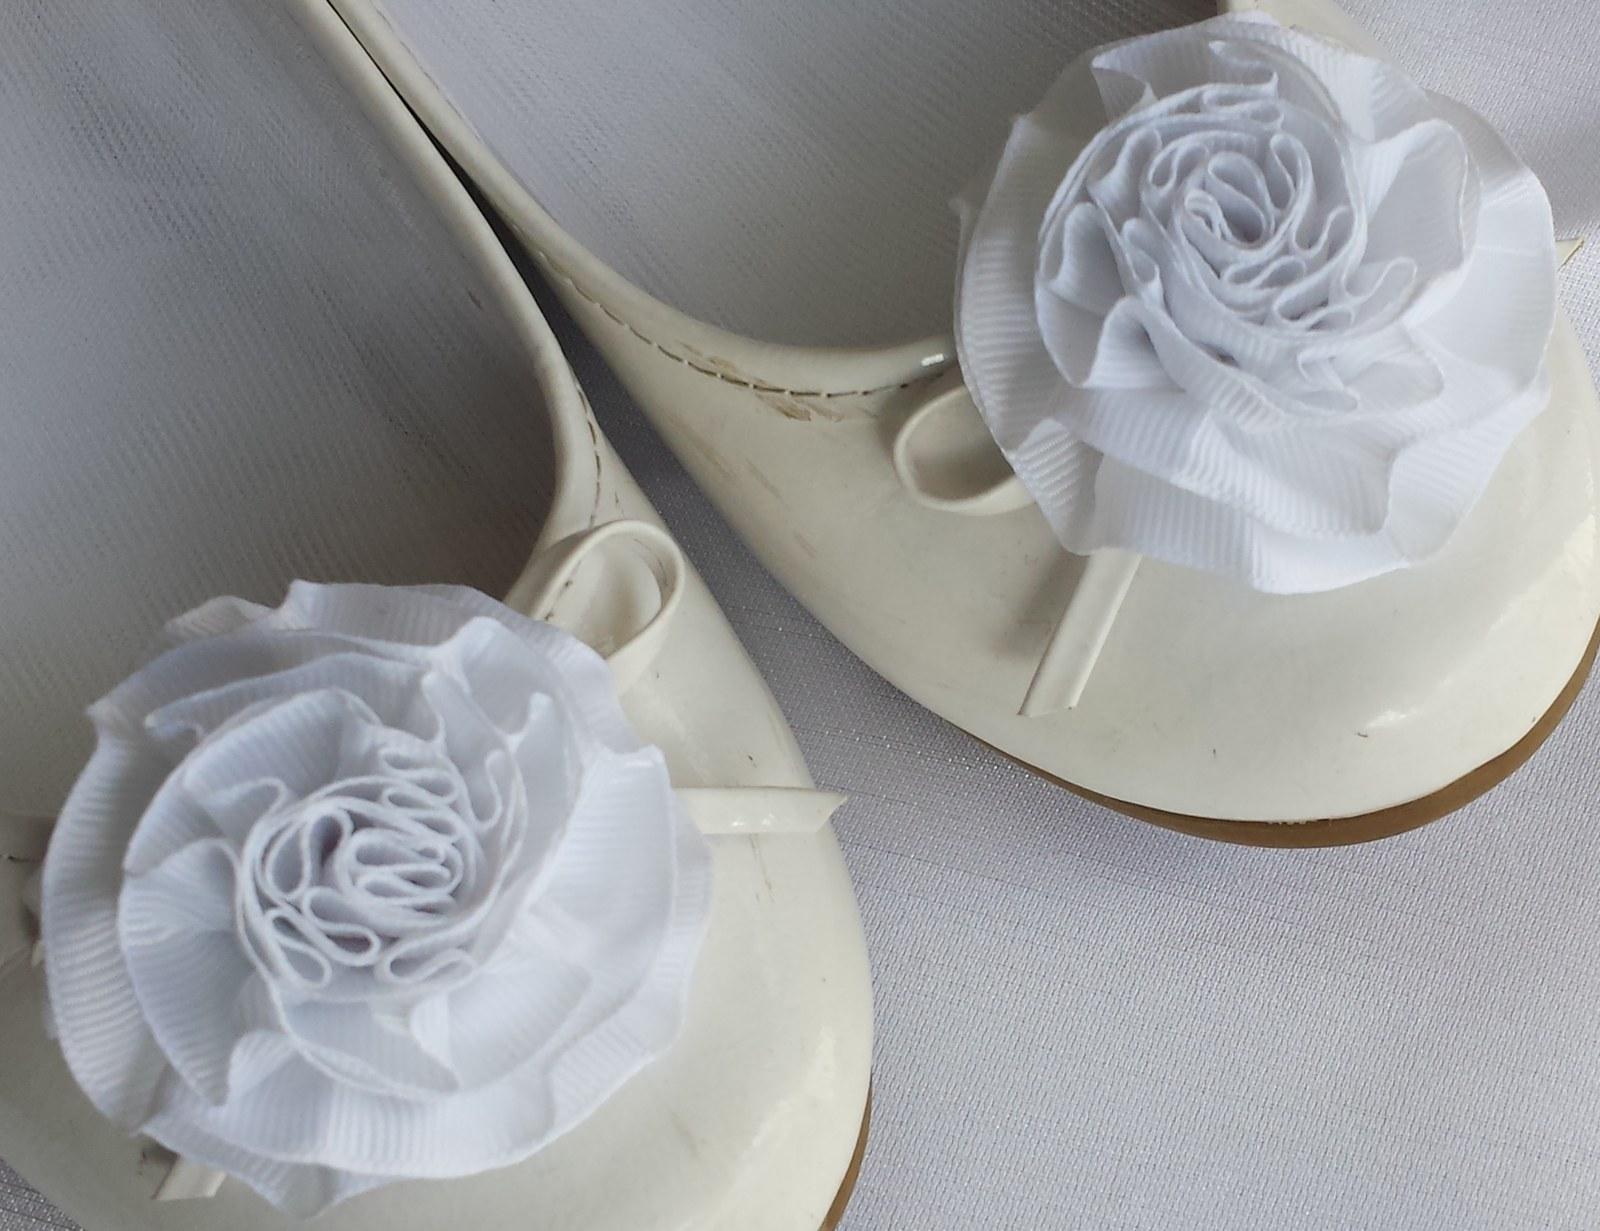 Klipy na boty pro nevěstu s bílou květinkou - Obrázek č. 1